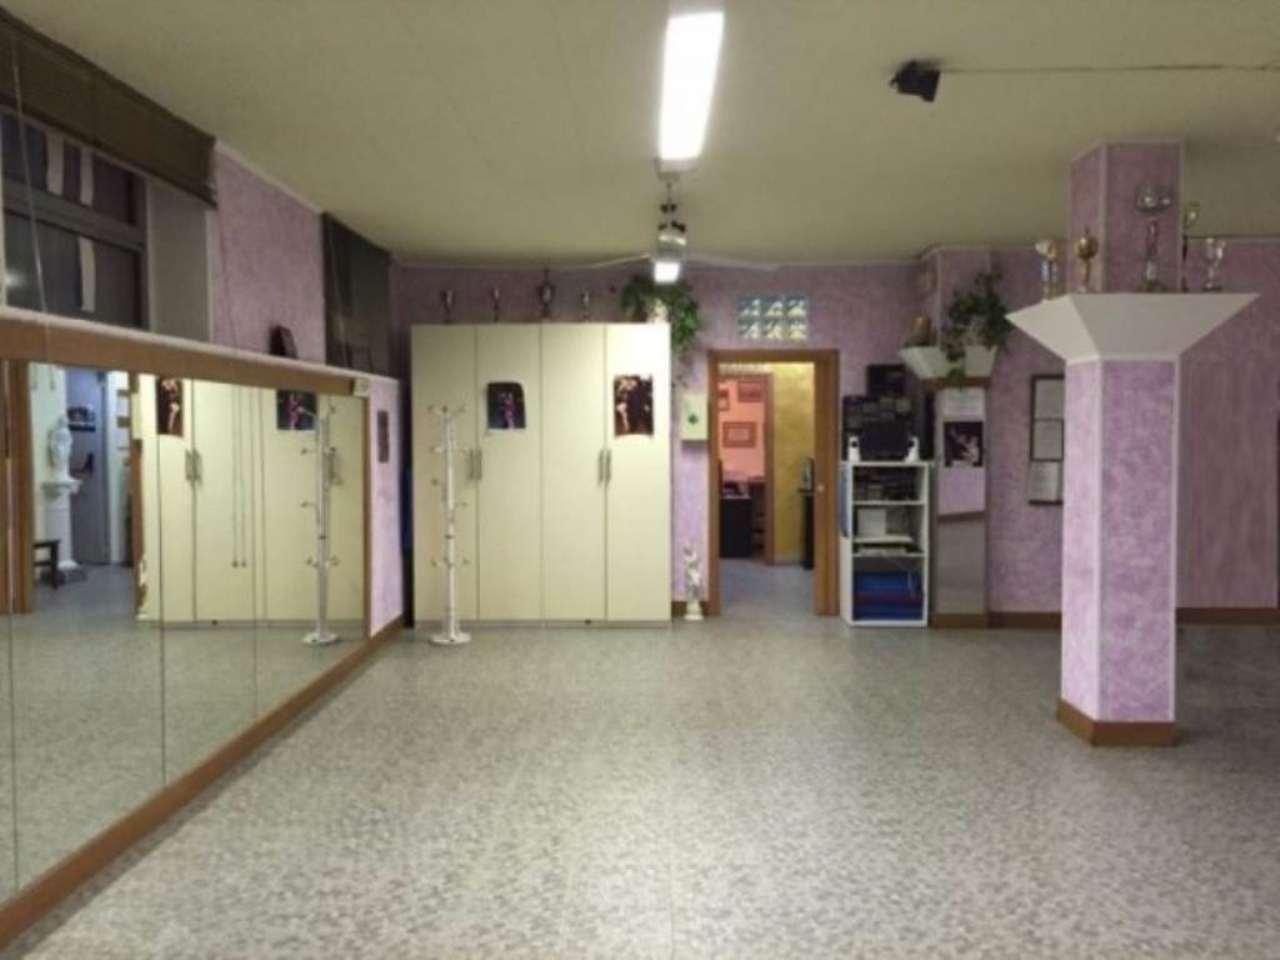 Laboratorio in vendita a Cologno Monzese, 6 locali, prezzo € 130.000 | Cambio Casa.it